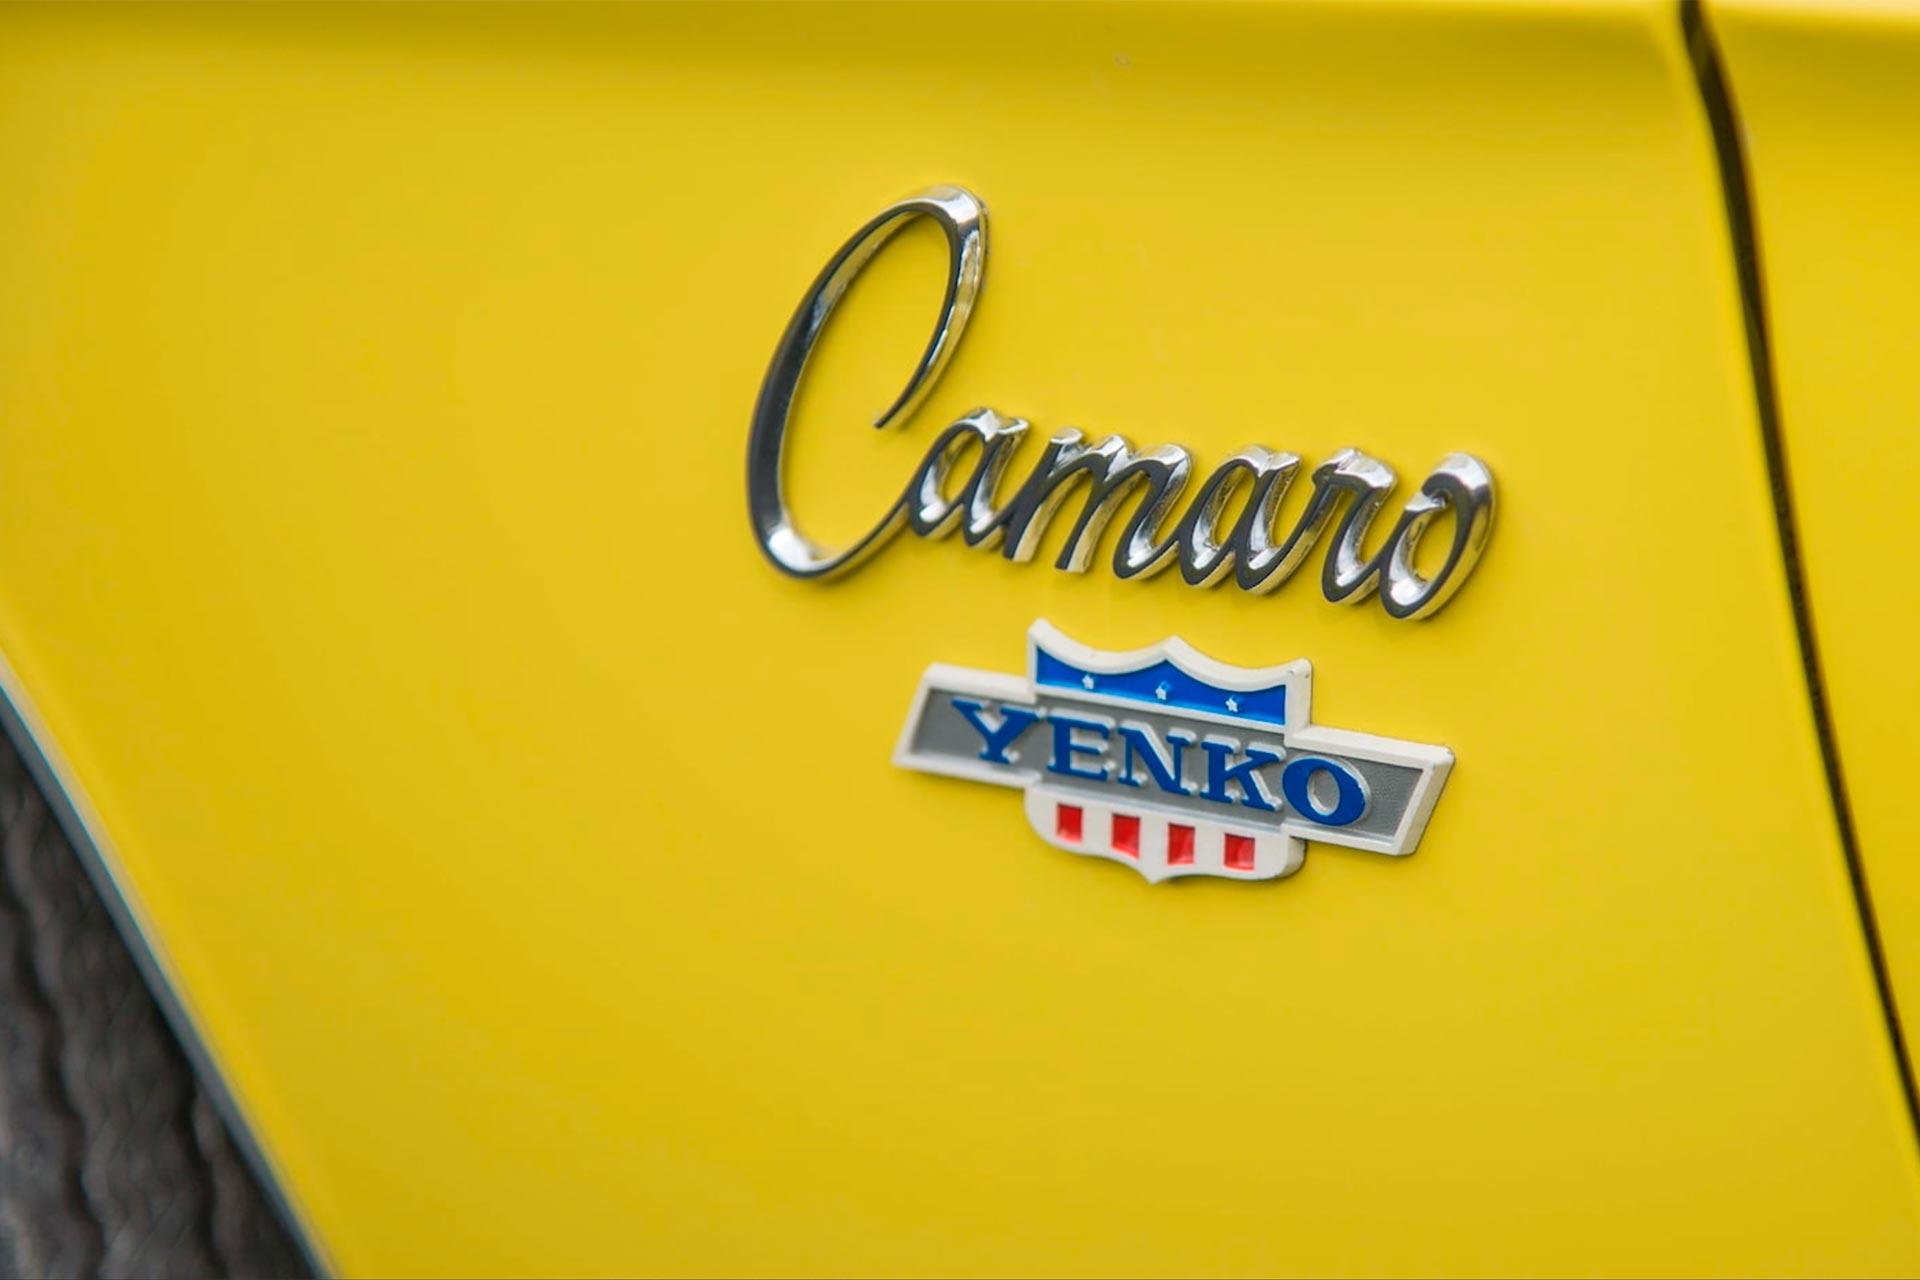 1969 Chevy Yenko/SC 427 Camaro badges